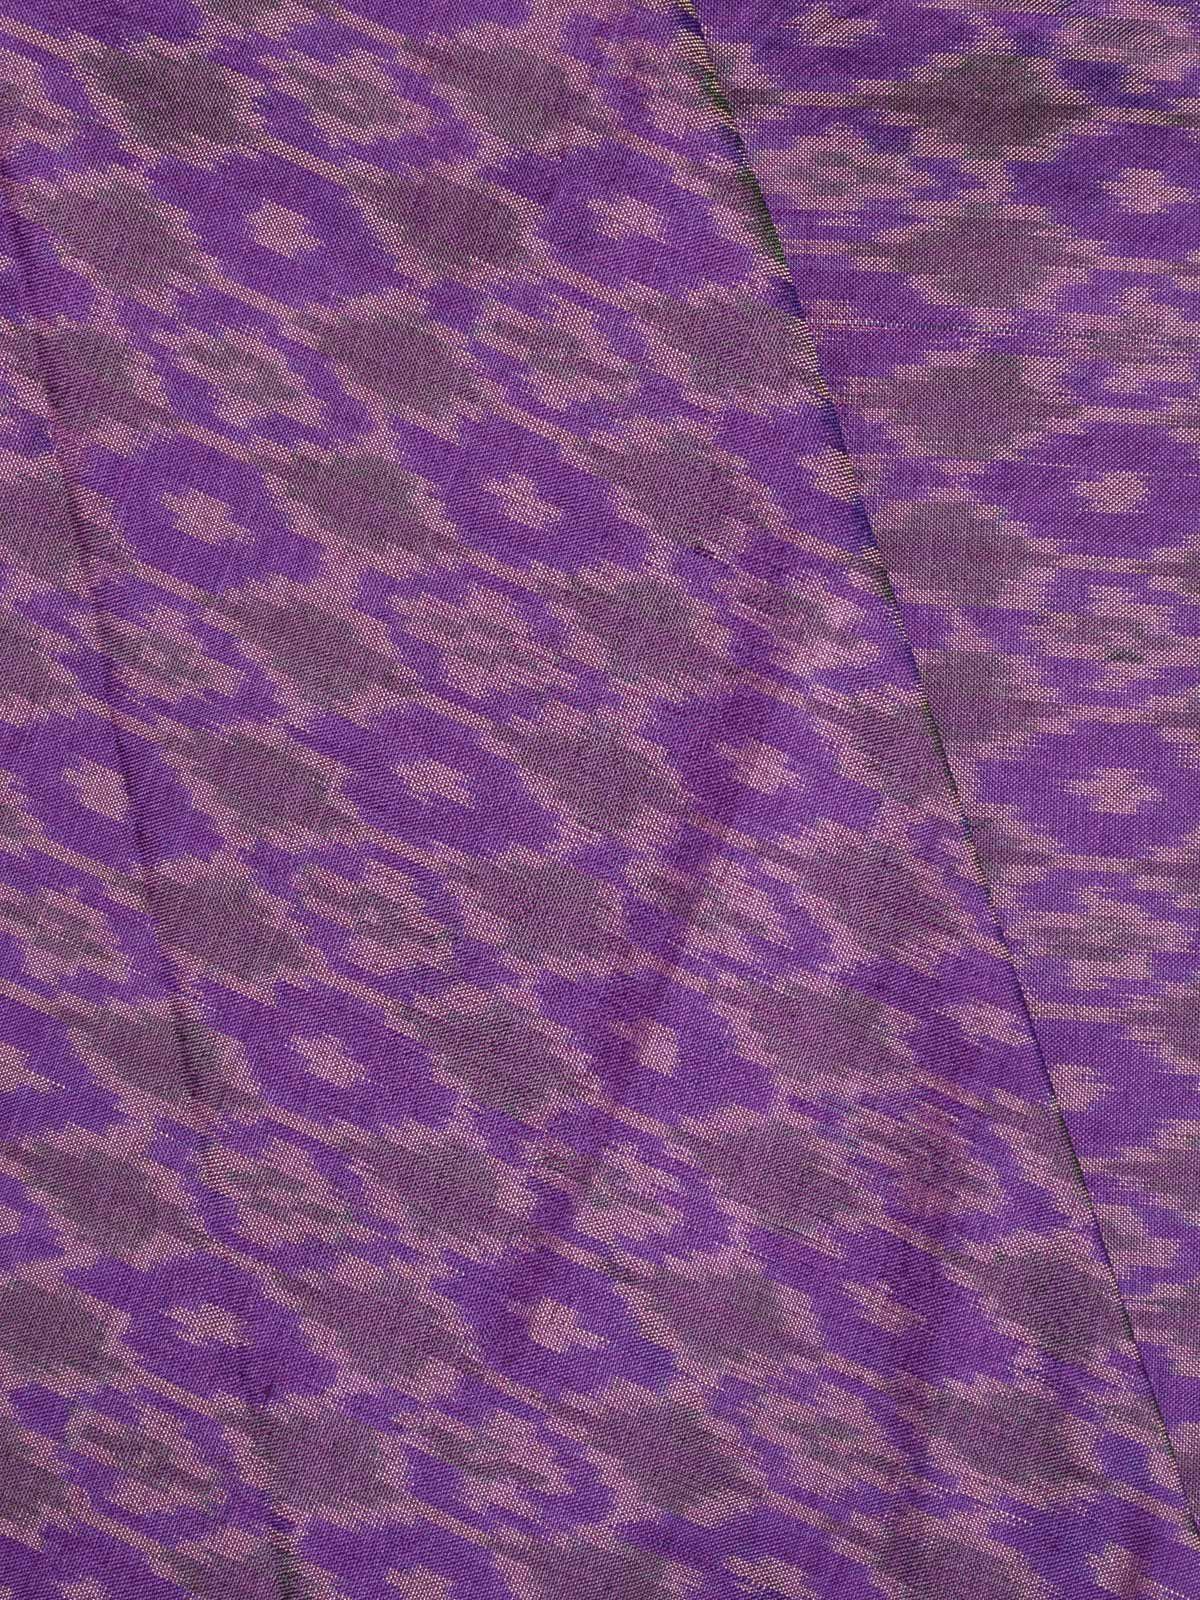 Purple Ikat  Silk Fabric